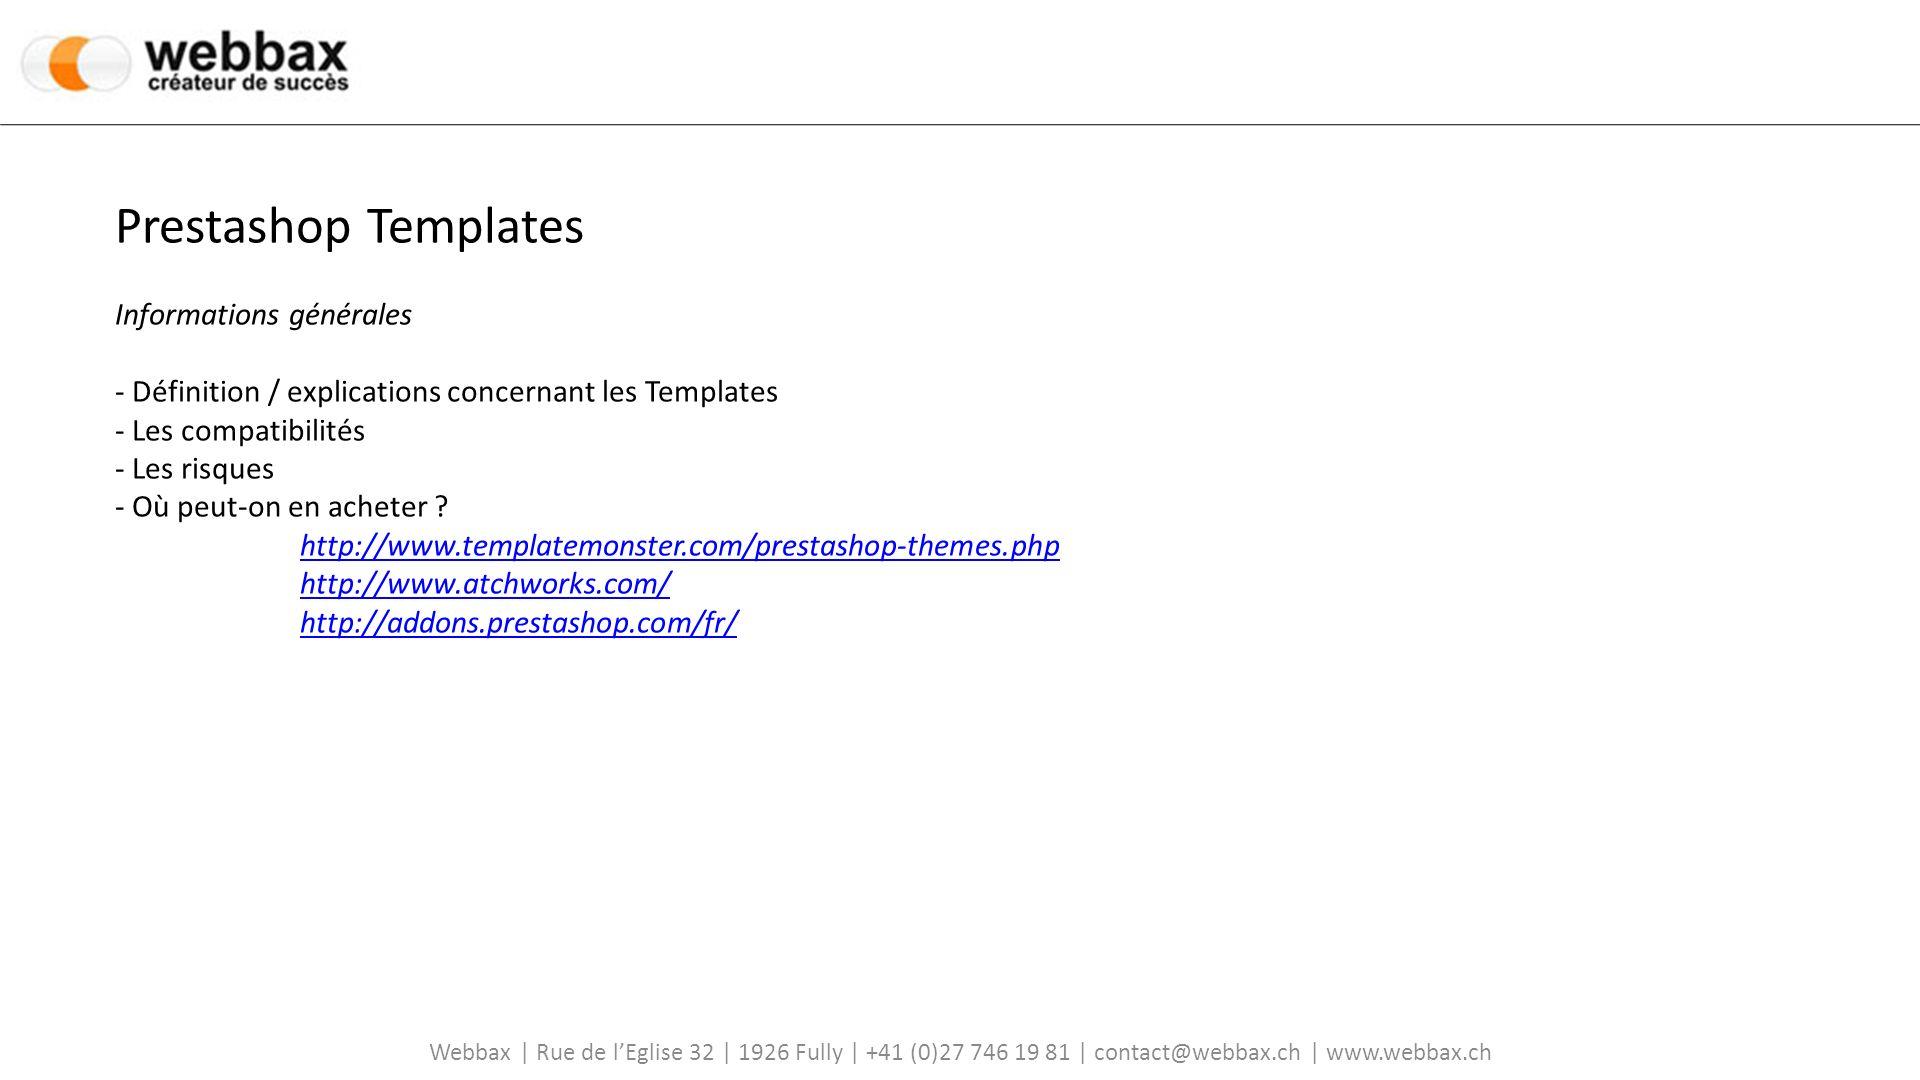 Prestashop Templates Informations générales - Définition / explications concernant les Templates